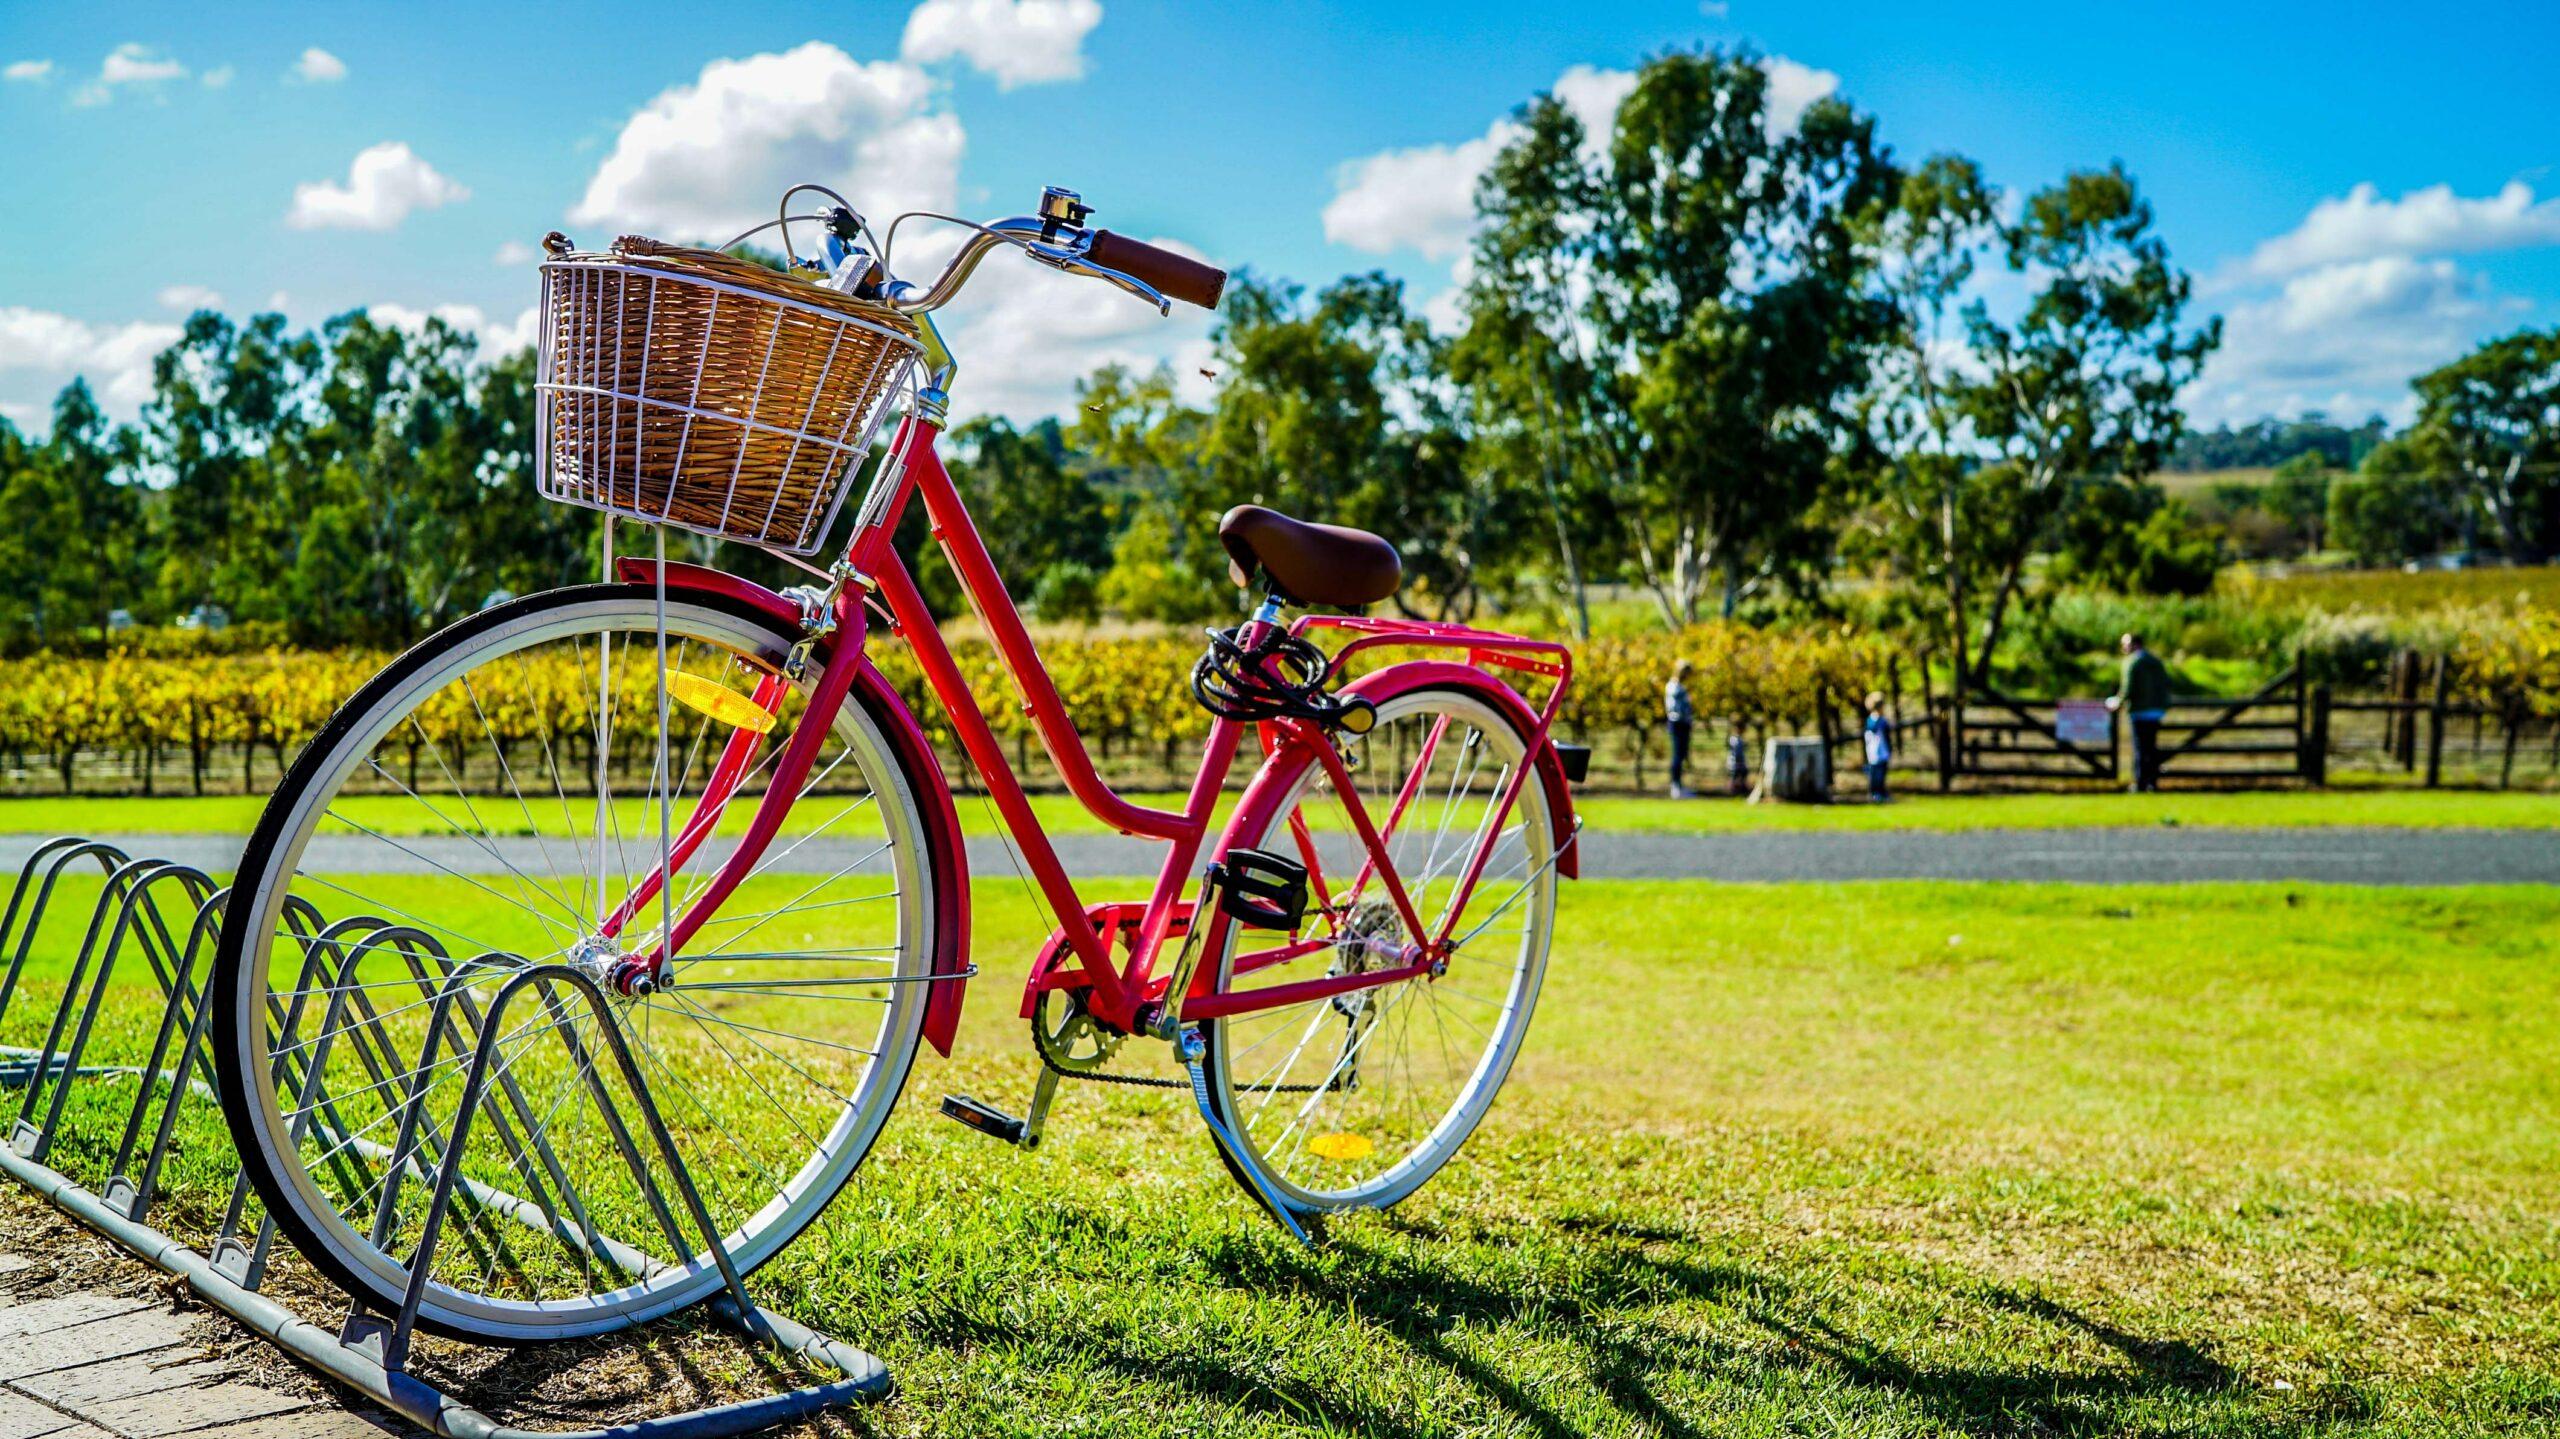 Bicicleta - Fonte: Pexels